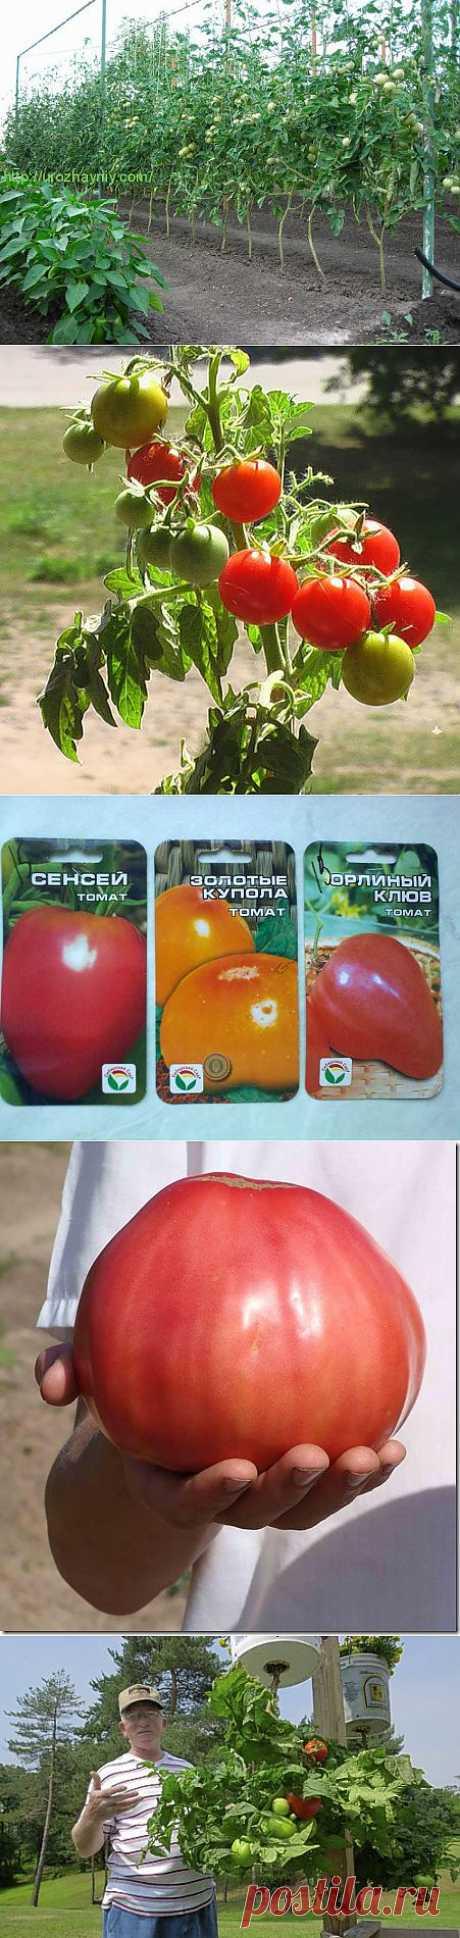 томаты помидоры из помидор | Записи с меткой томаты помидоры из помидор | Дача, сад и огород круглый год!